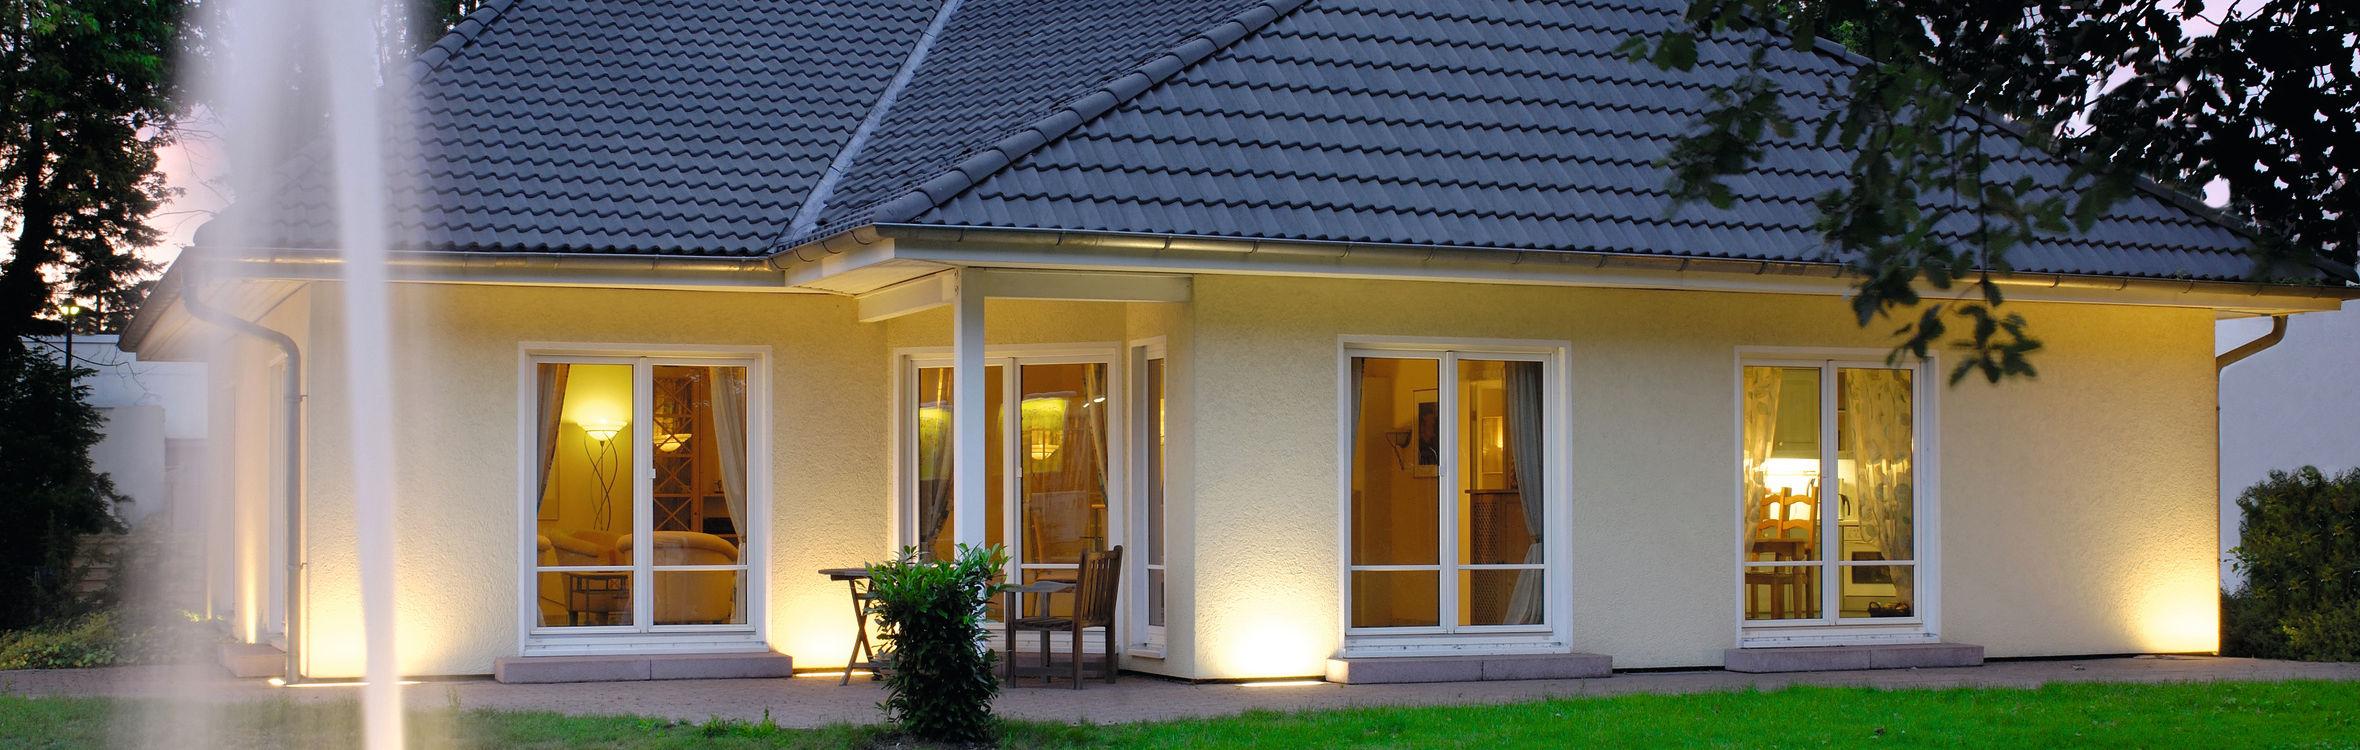 Geiberger Immobilien - Ihr Partner für Häuser Rhein-Main